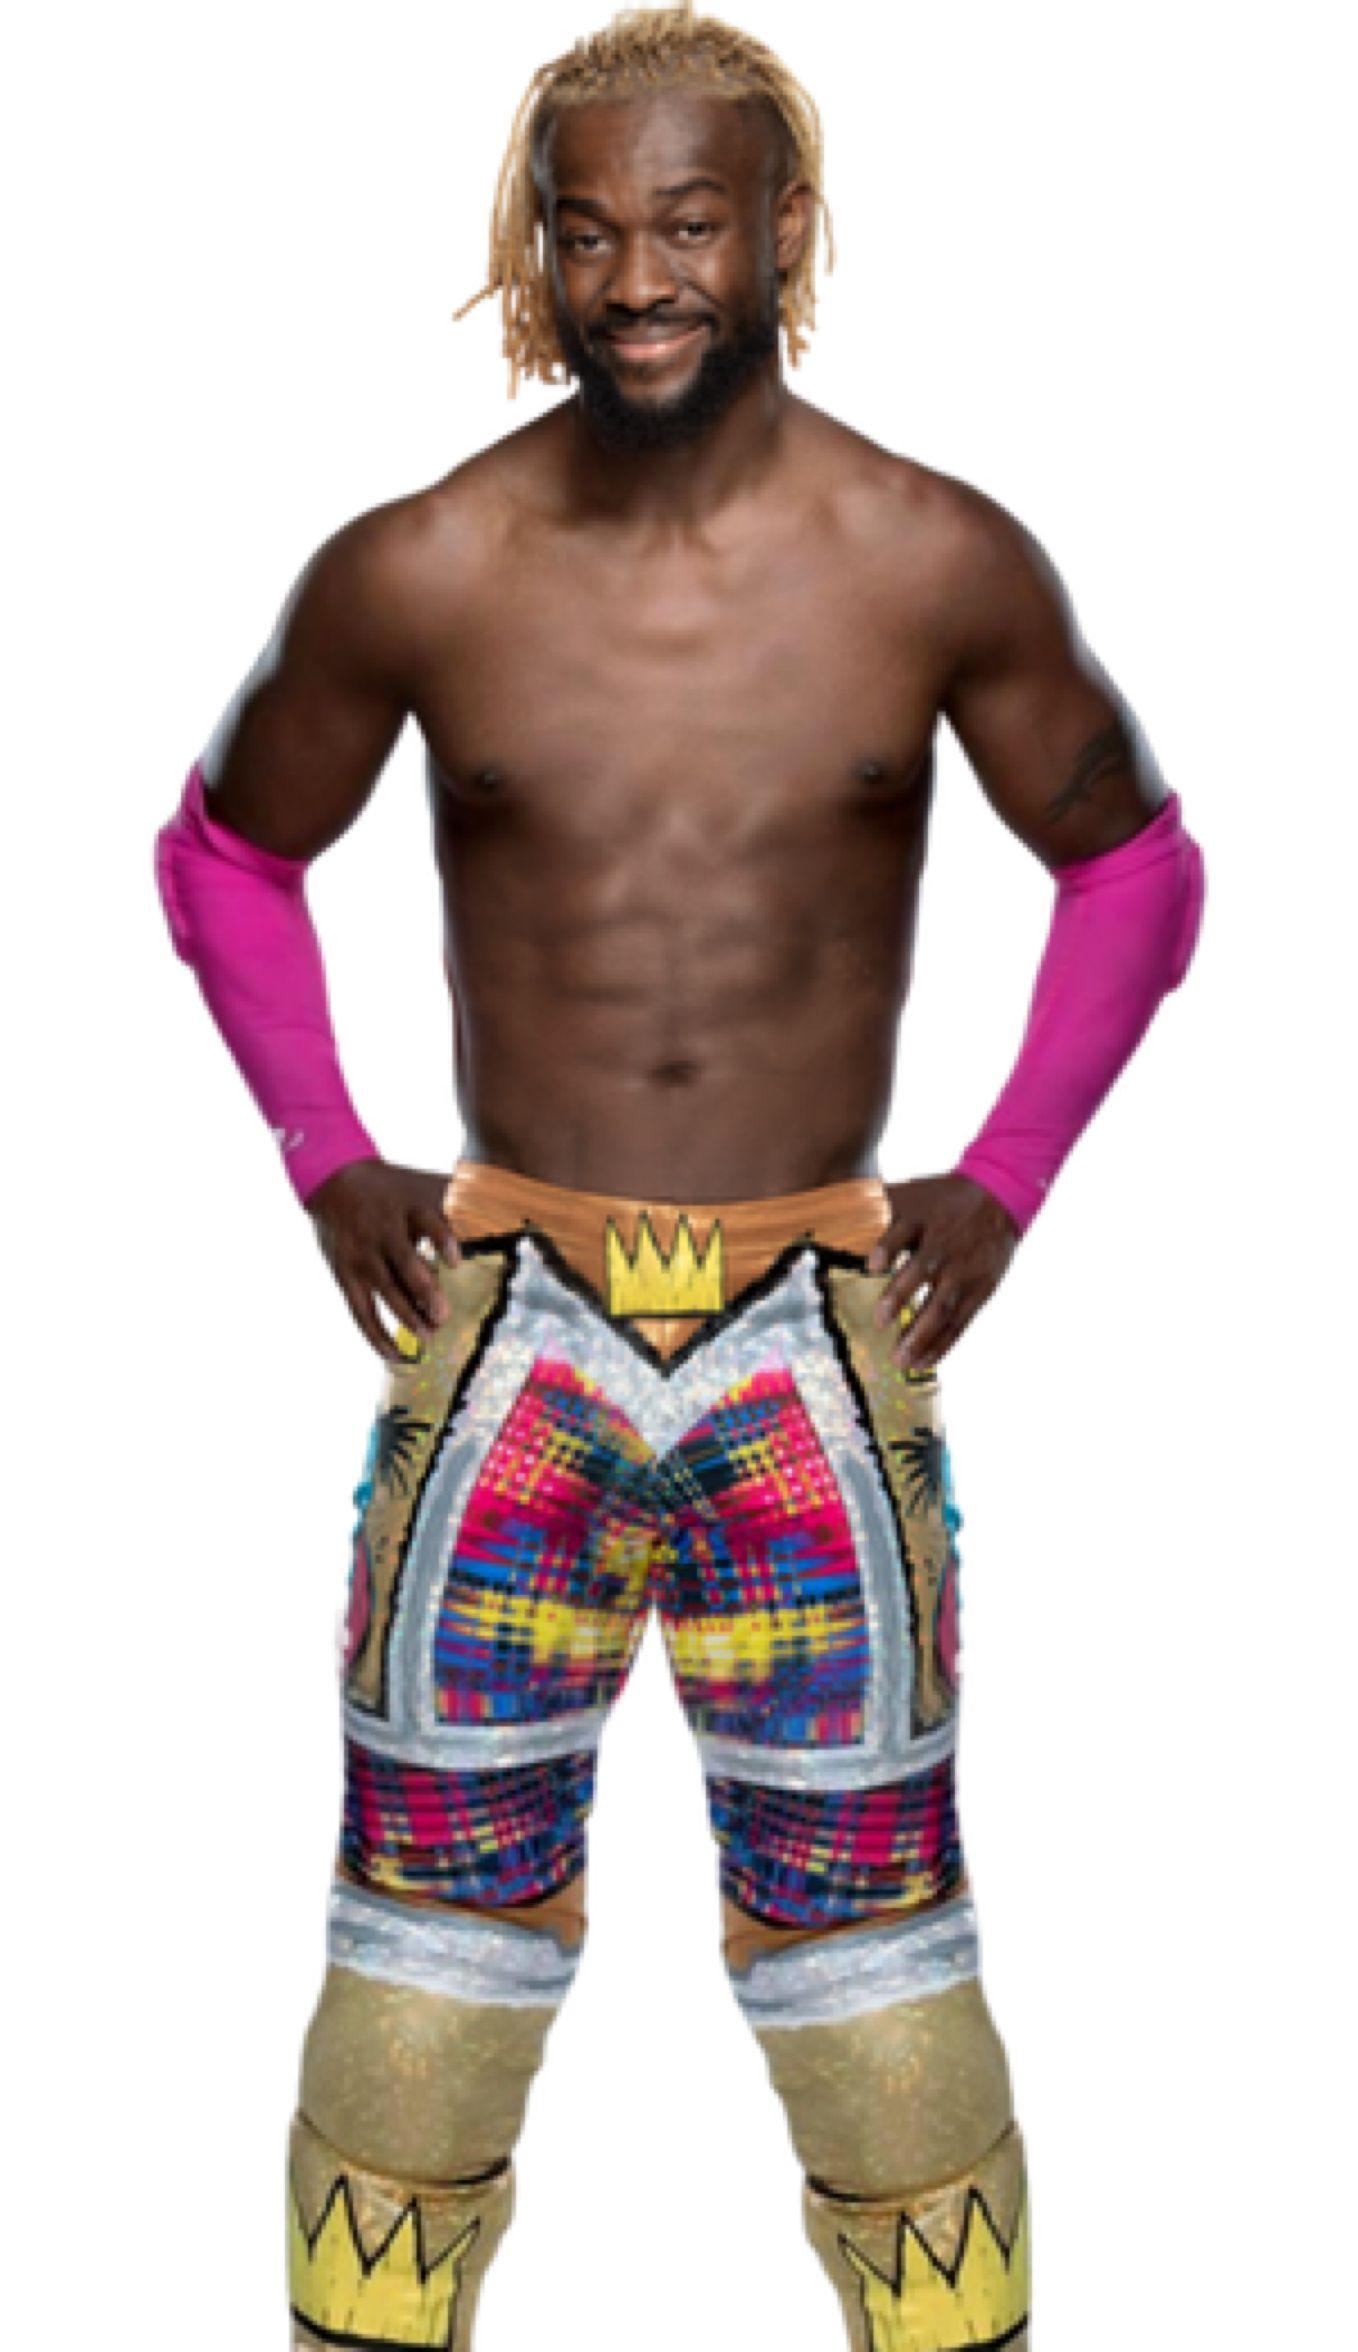 Kofi Kingston Full Body Transparent Png By Dunktheclown On Deviantart In 2021 Full Body Kingston Transparent